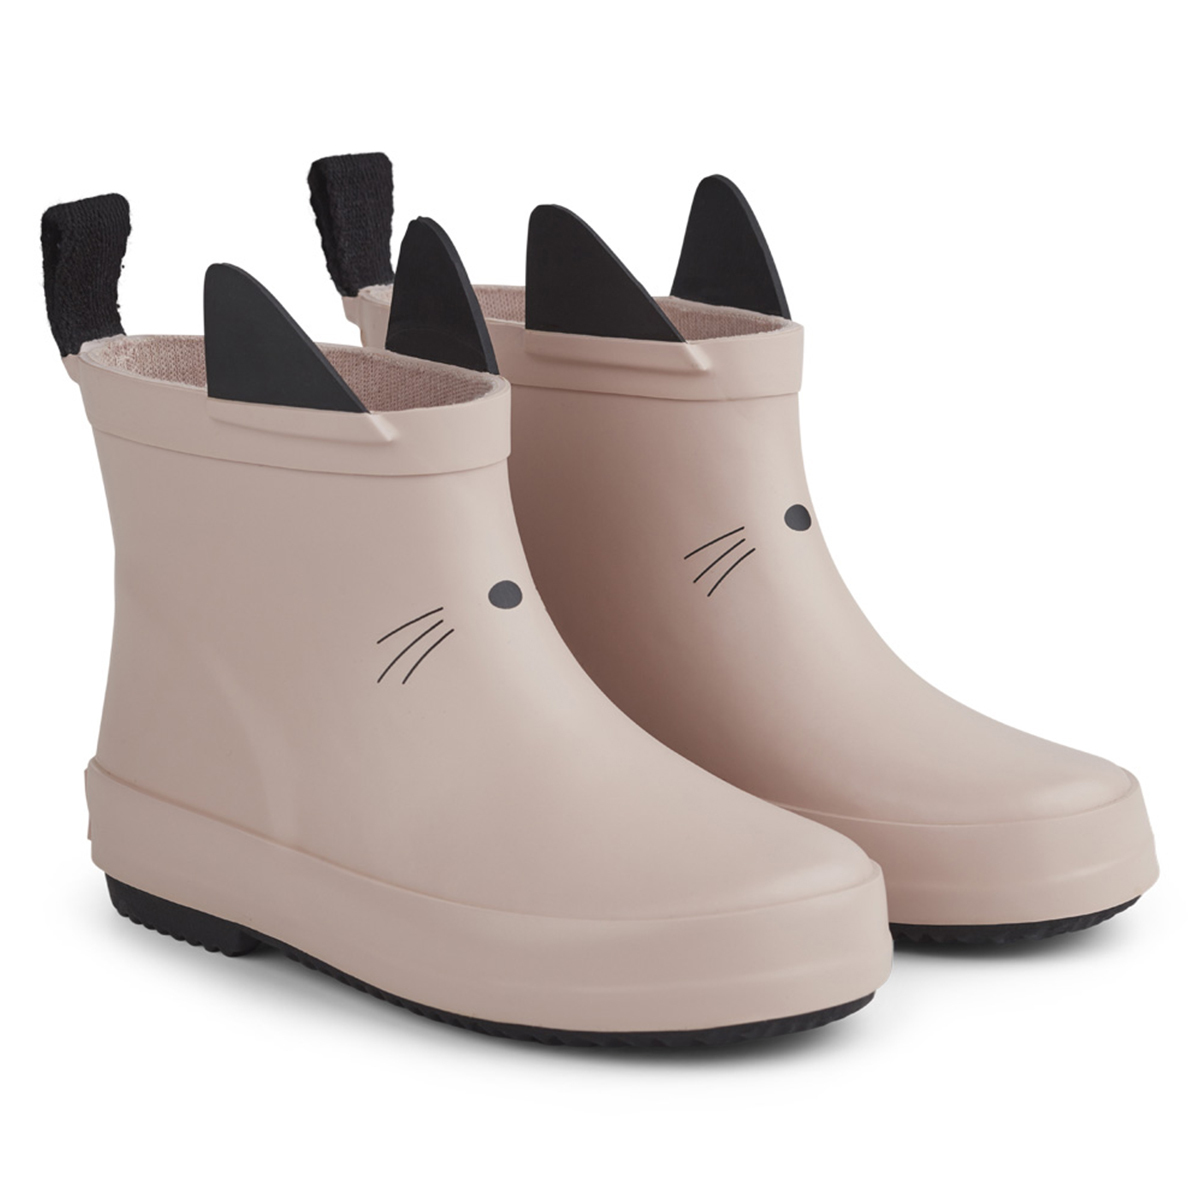 Chaussons & Chaussures Bottes de Pluie Tobi Cat Rose - 26